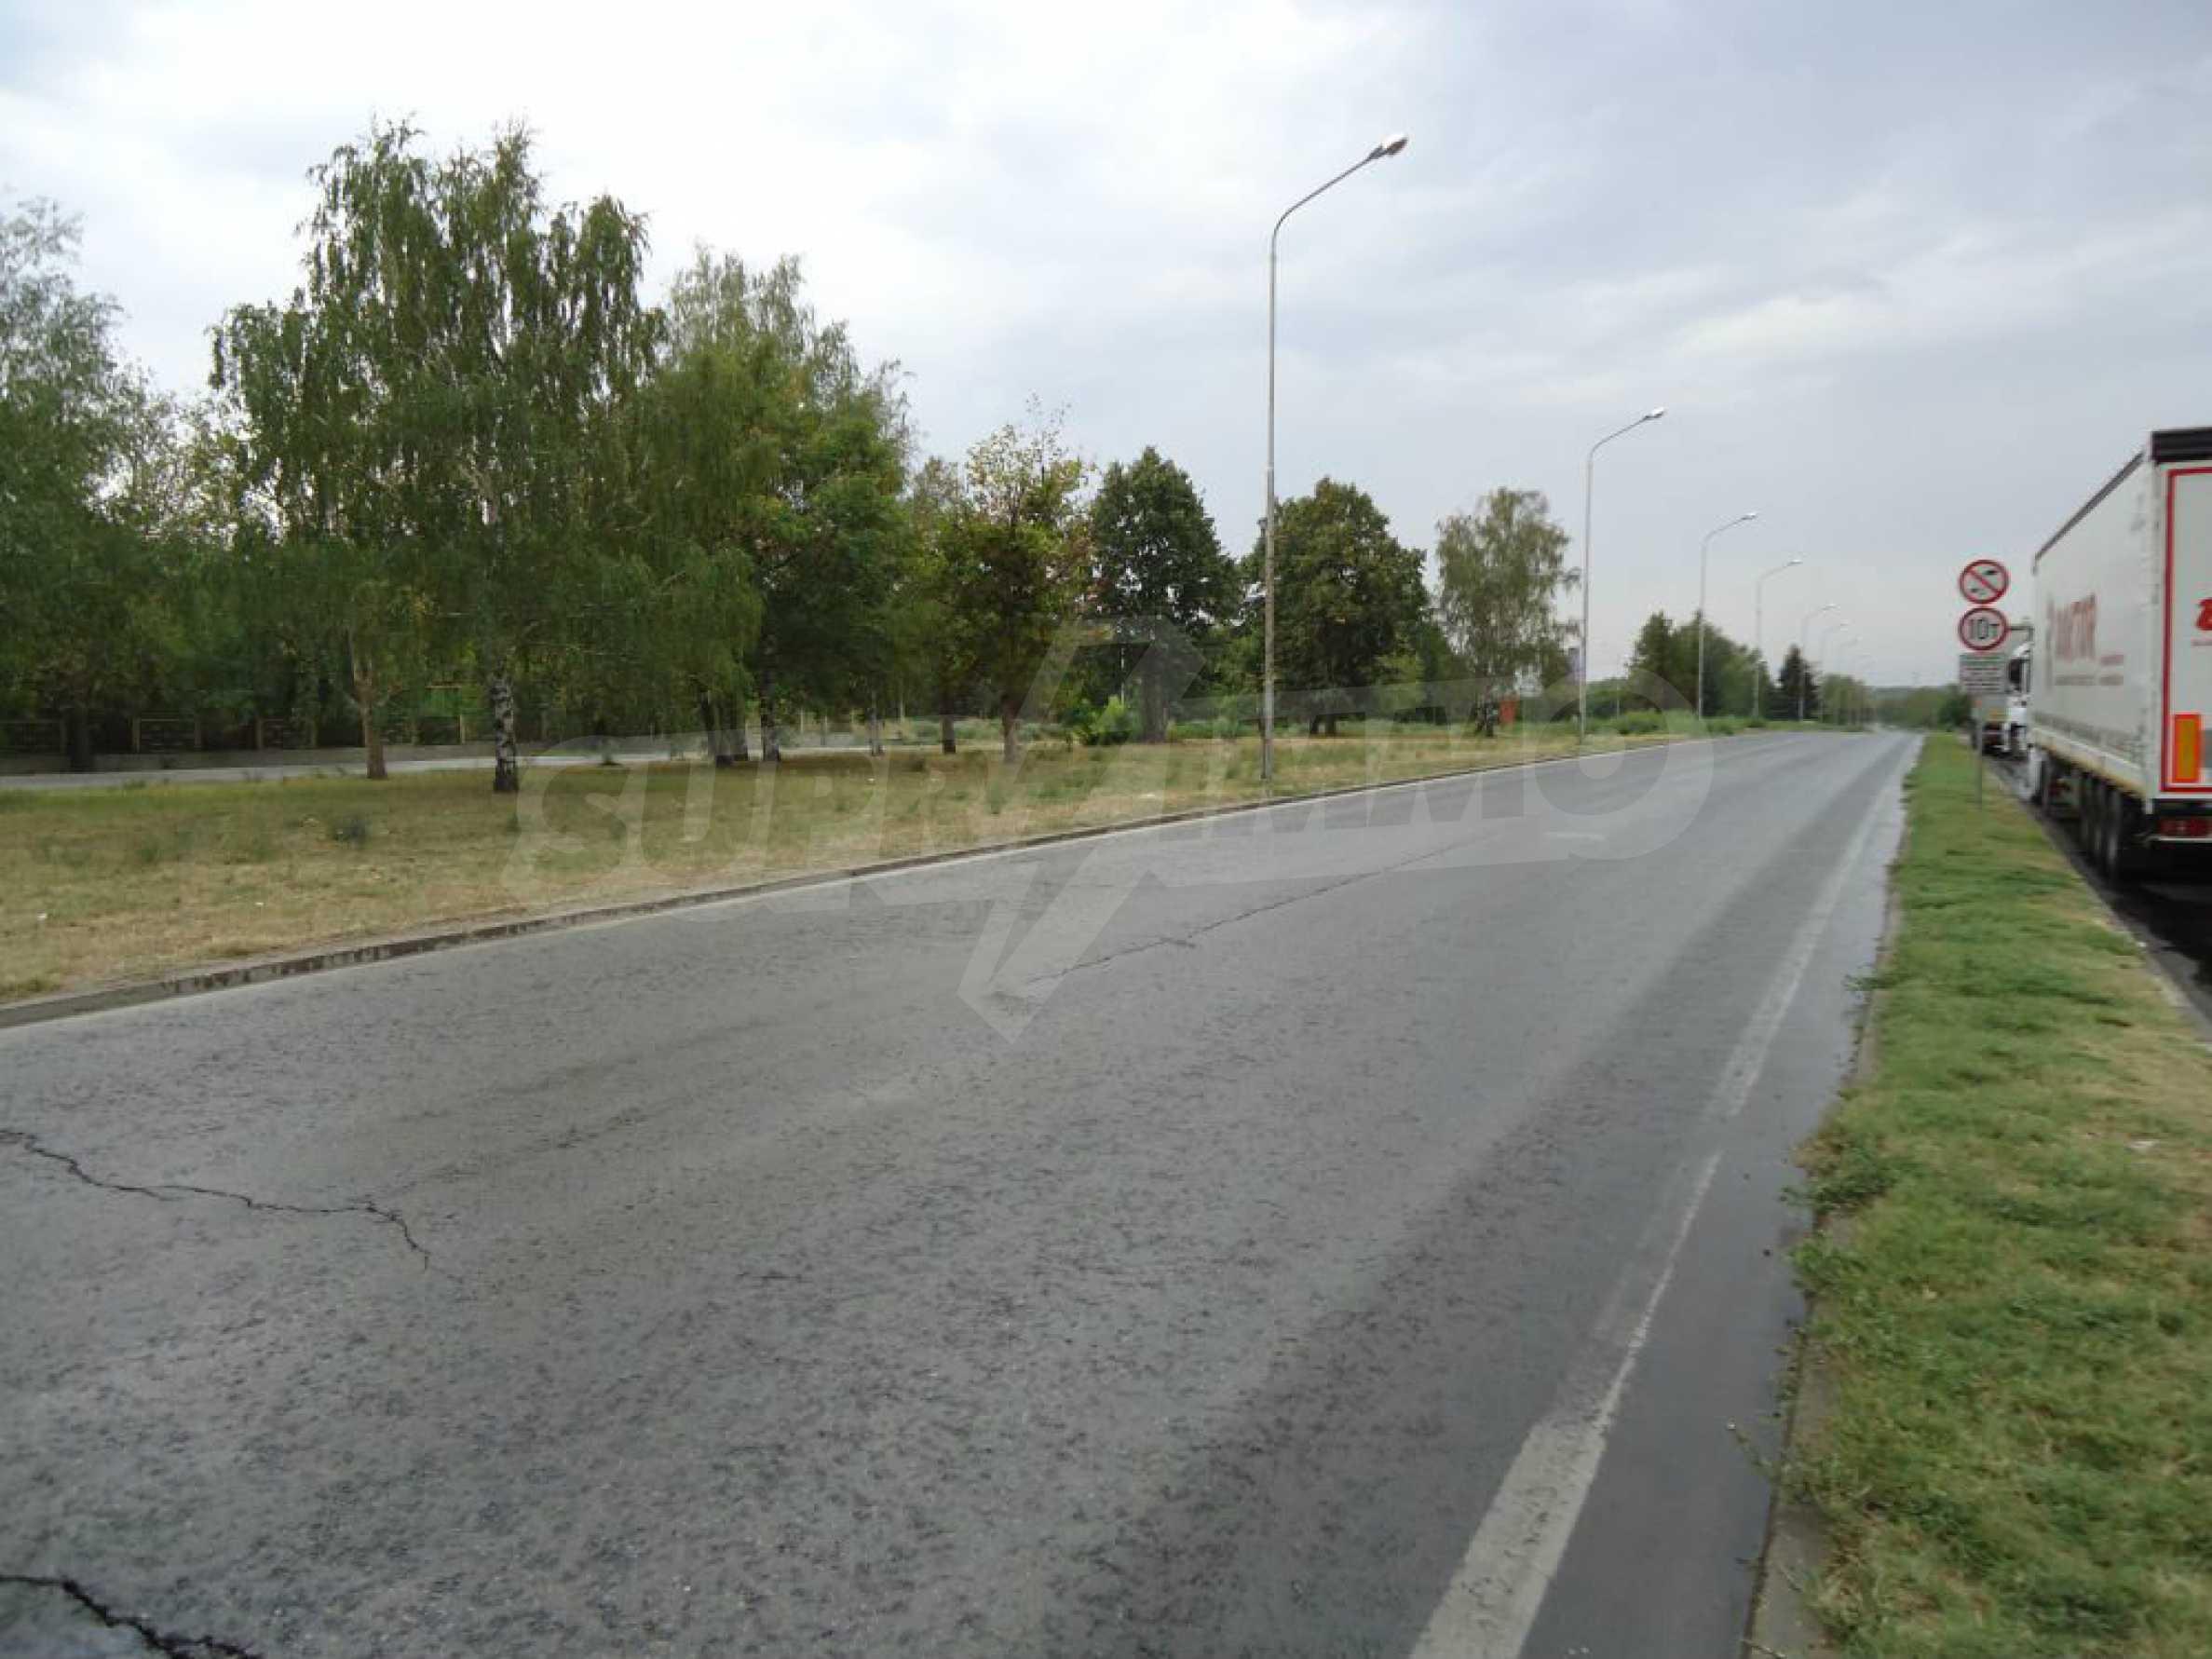 Ackerland in der Nähe der Hauptstraße Rousse-Sofia 3